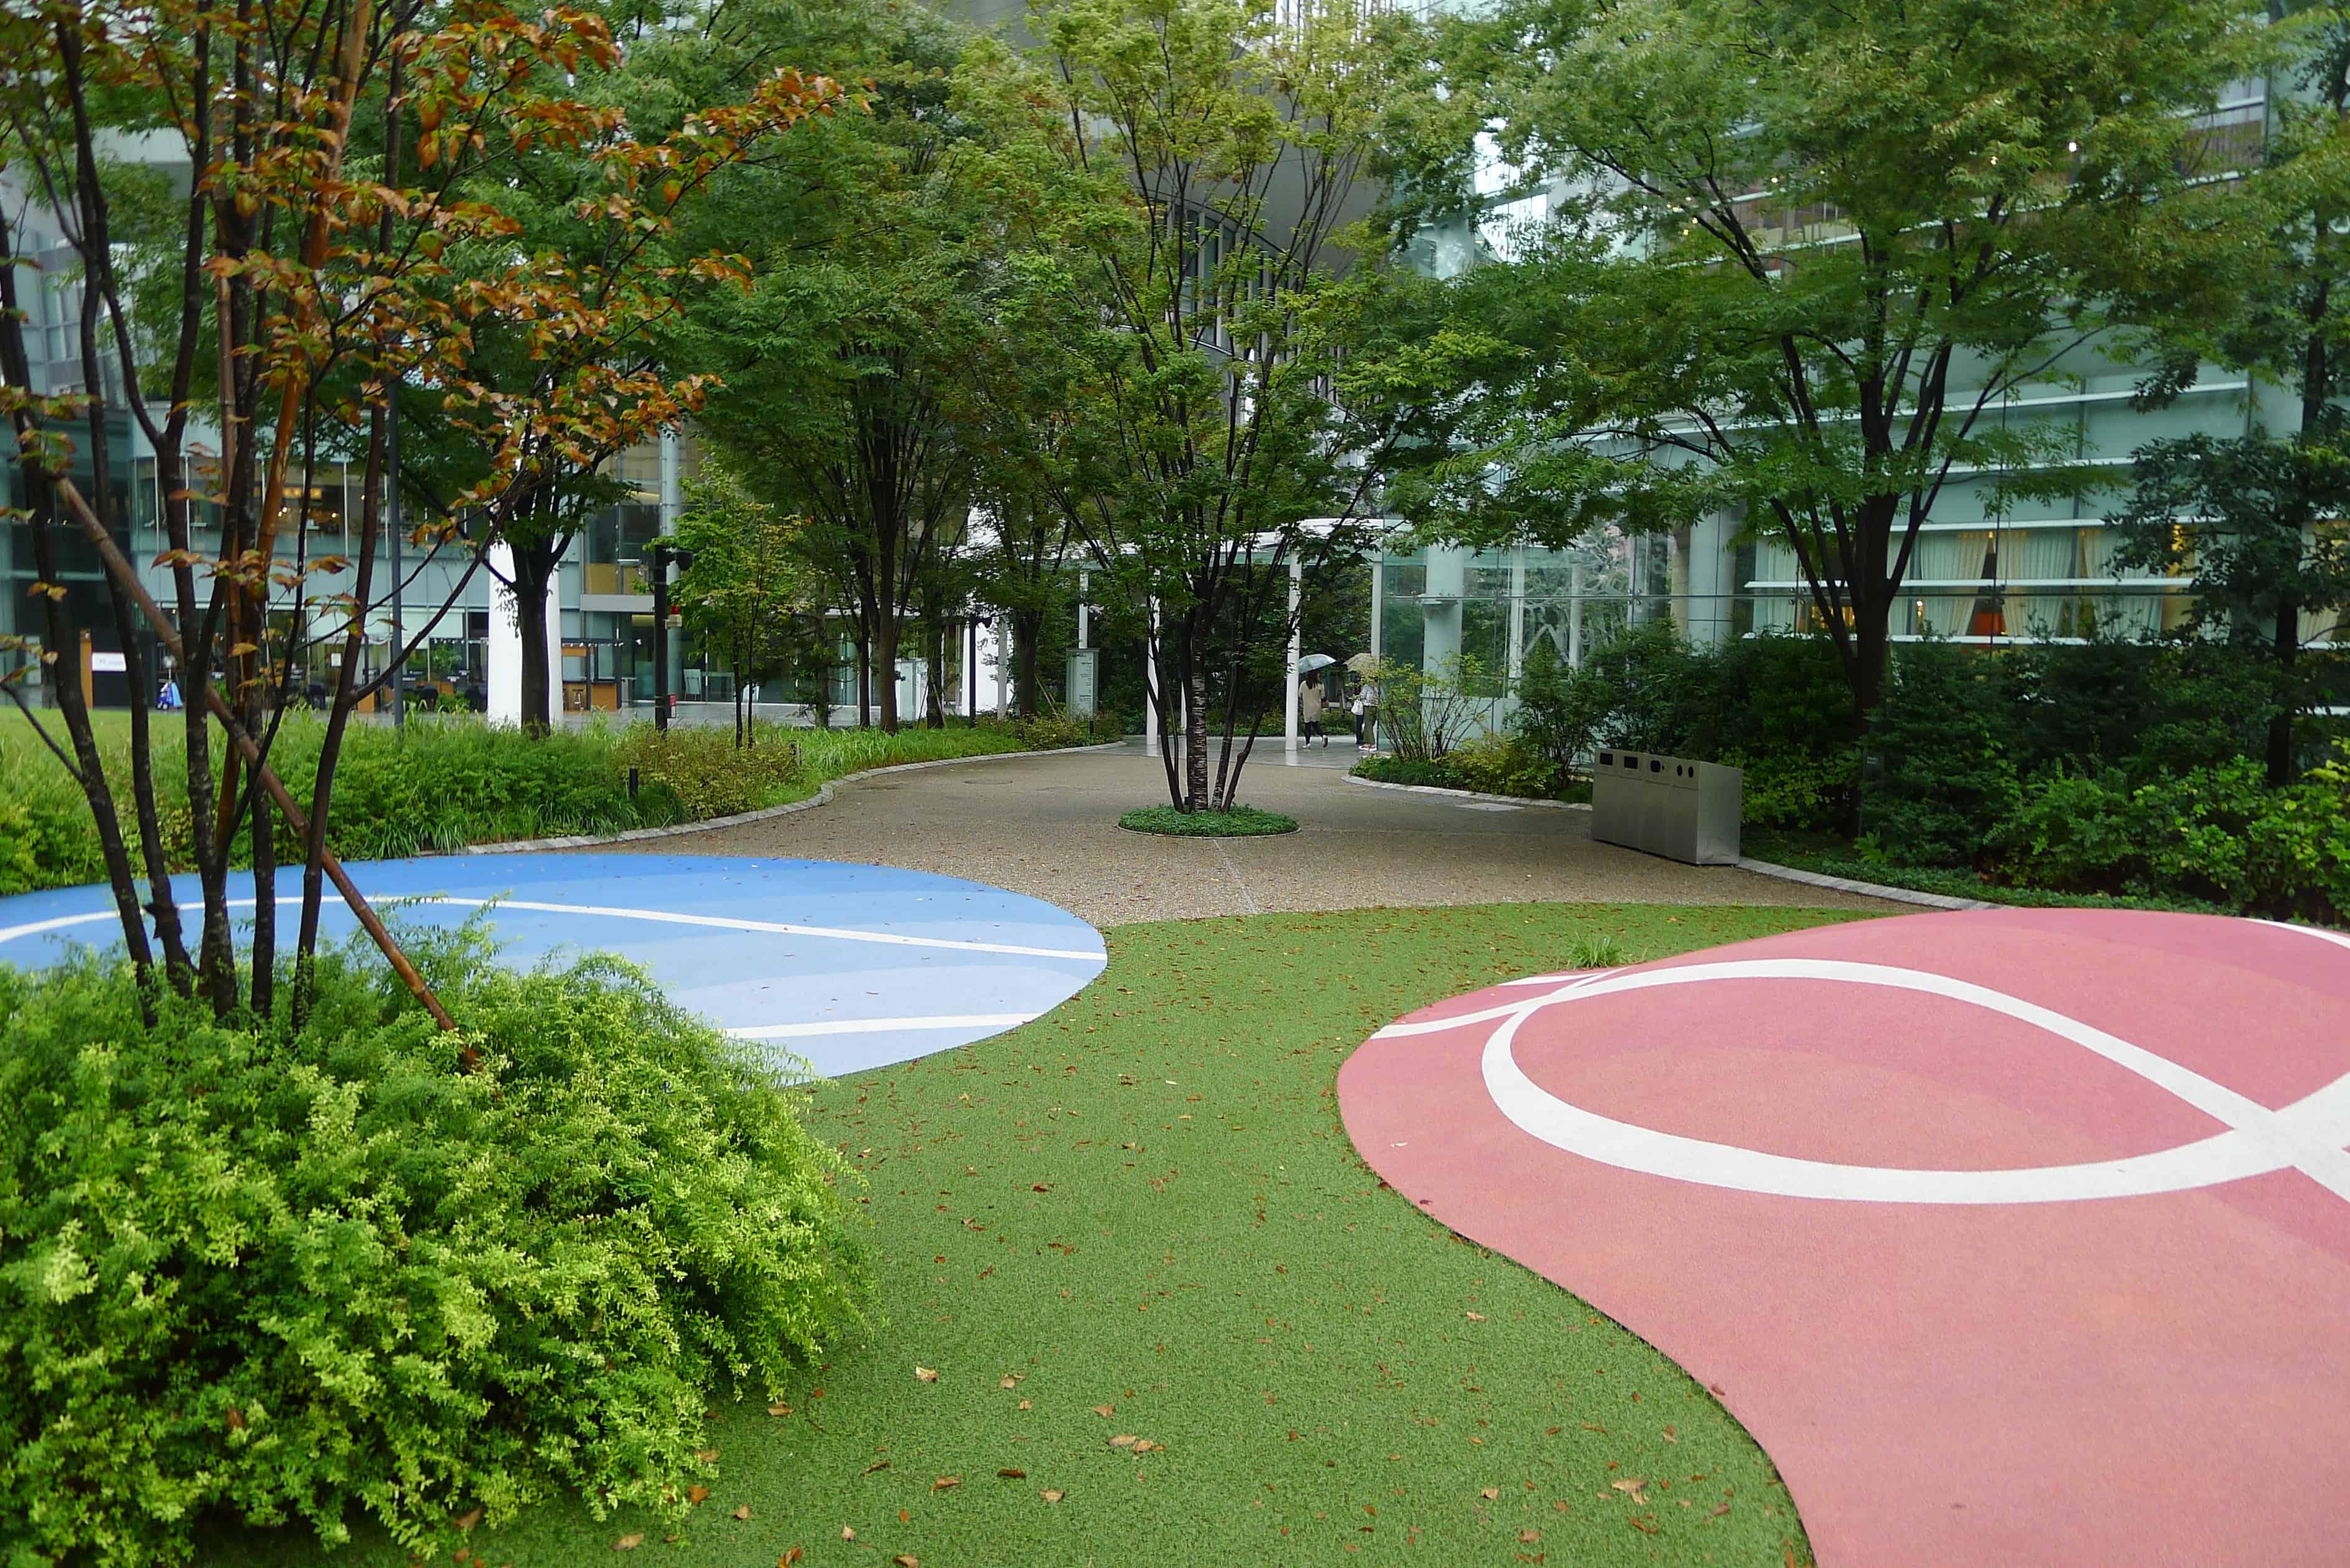 สวนสาธารณะขนาดเล็กในโตเกียว (Tokyo)